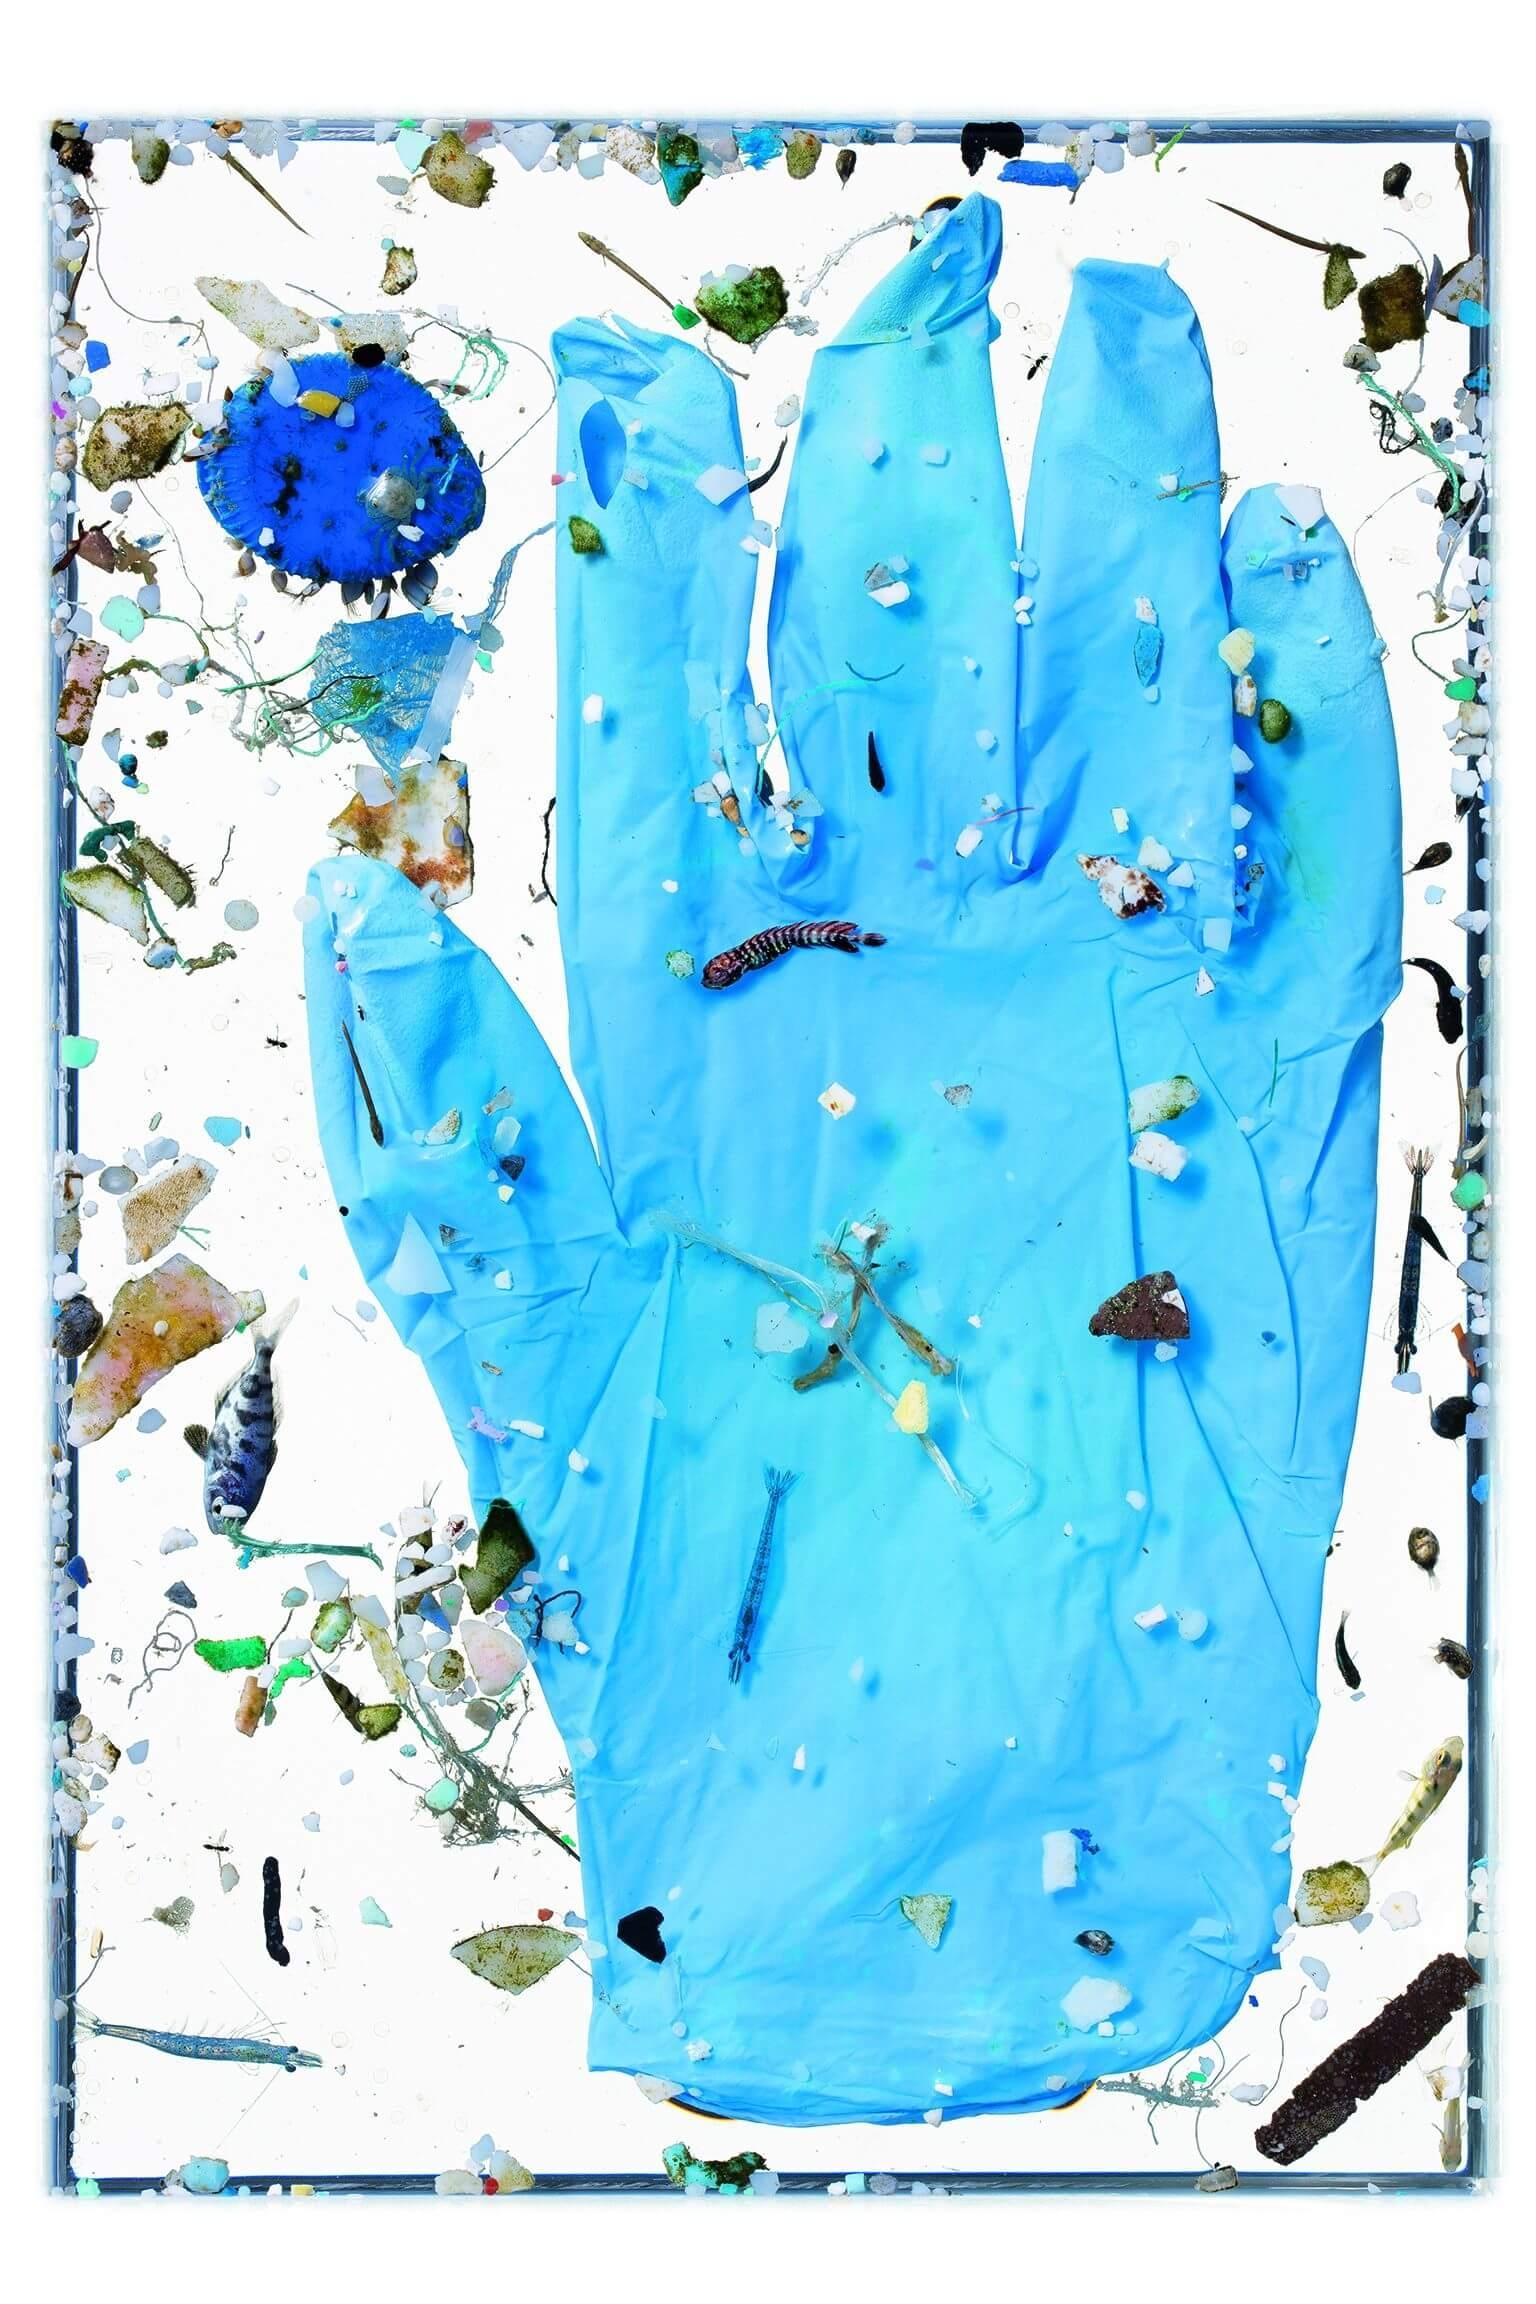 這只藍色手套在水裡的時間還不夠久,不像多數的海洋塑膠會在海浪和陽光的影響下分解成碎片,也就是微塑膠。大拇指下方的仔魚是玉鯧,位於食指底部身上有條紋的是鬼頭刀。攝影:大衛.李特舒瓦格 David Liittschwager,攝於夏威夷凱魯瓦NOAA太平洋島嶼漁業科學中心的臨時野外實驗室。